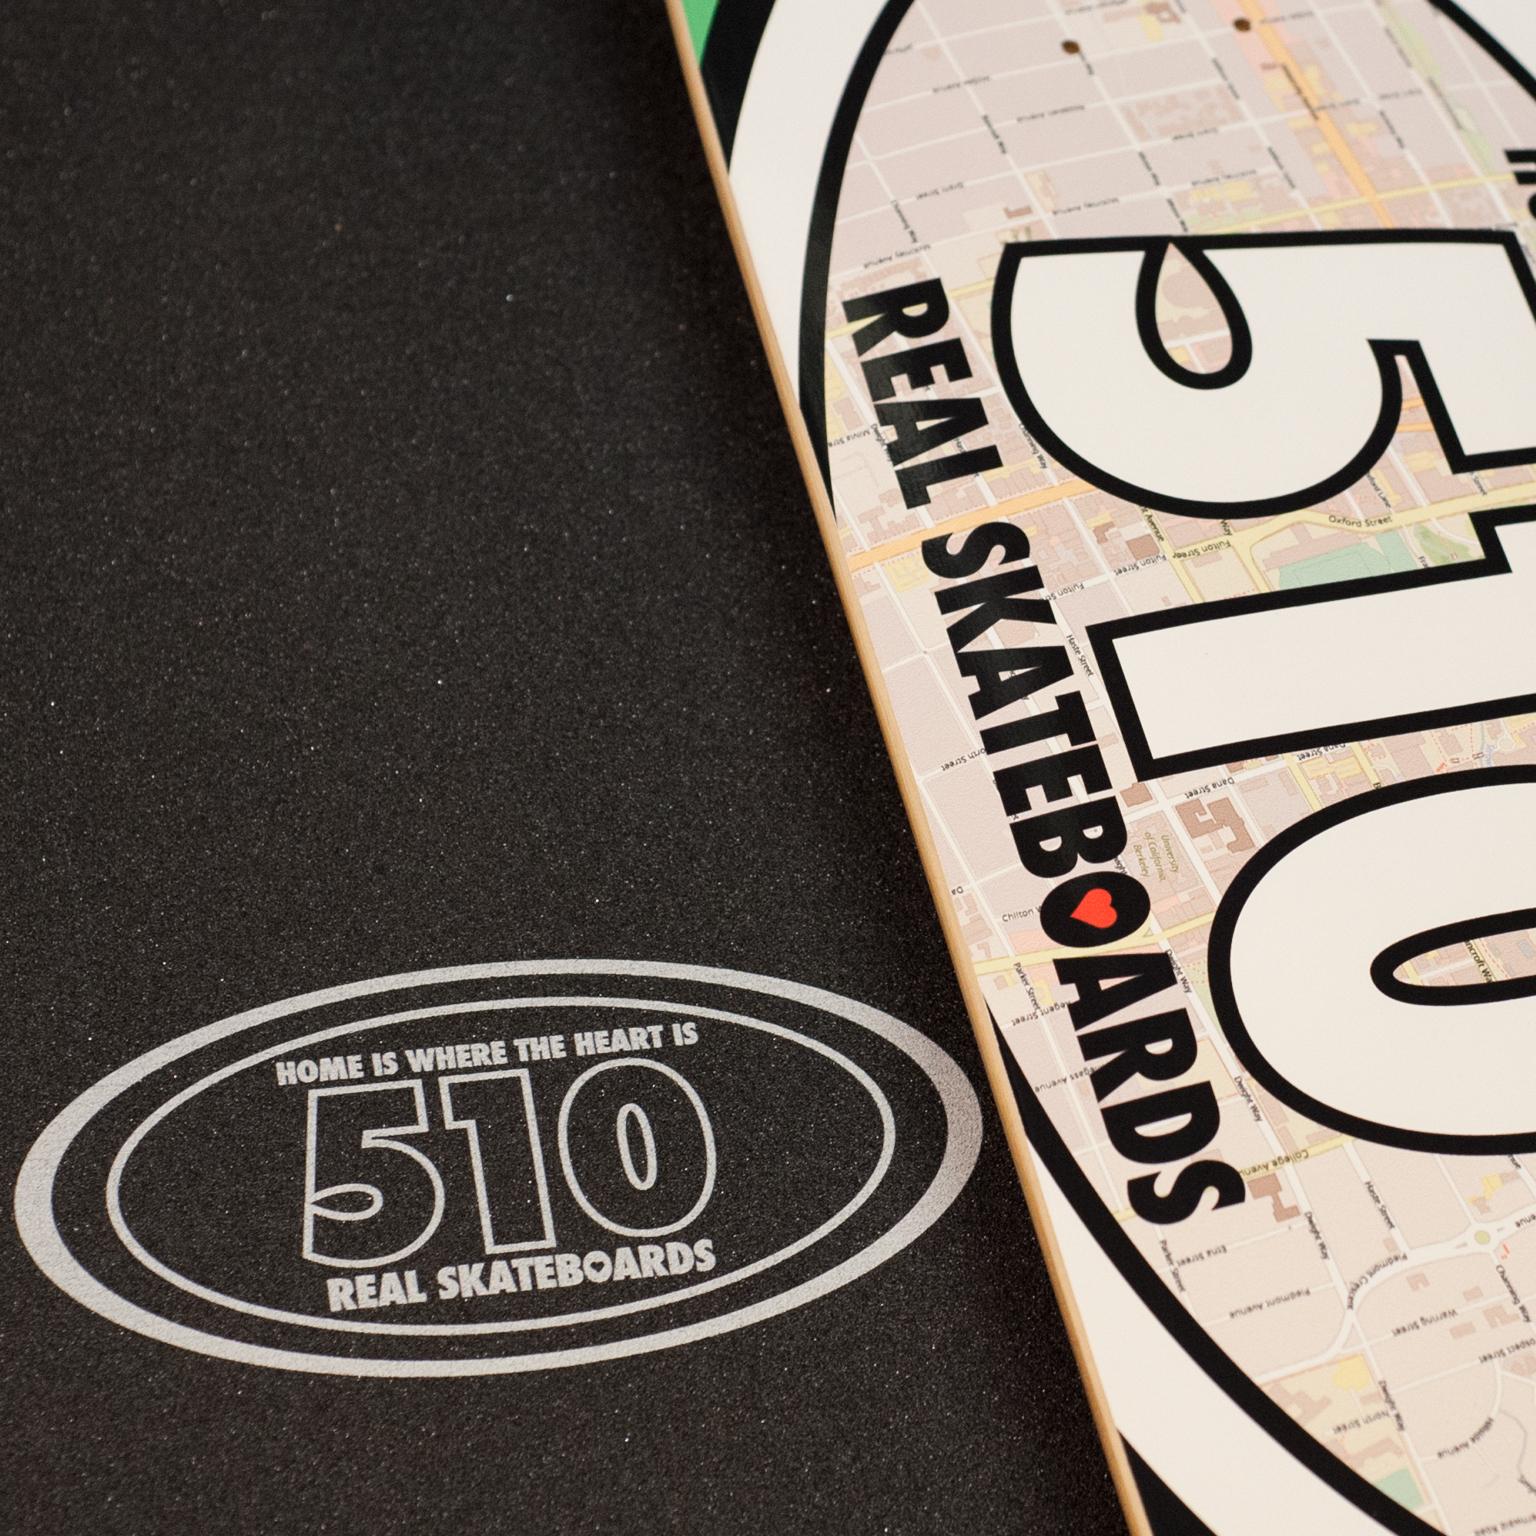 510-GRIP